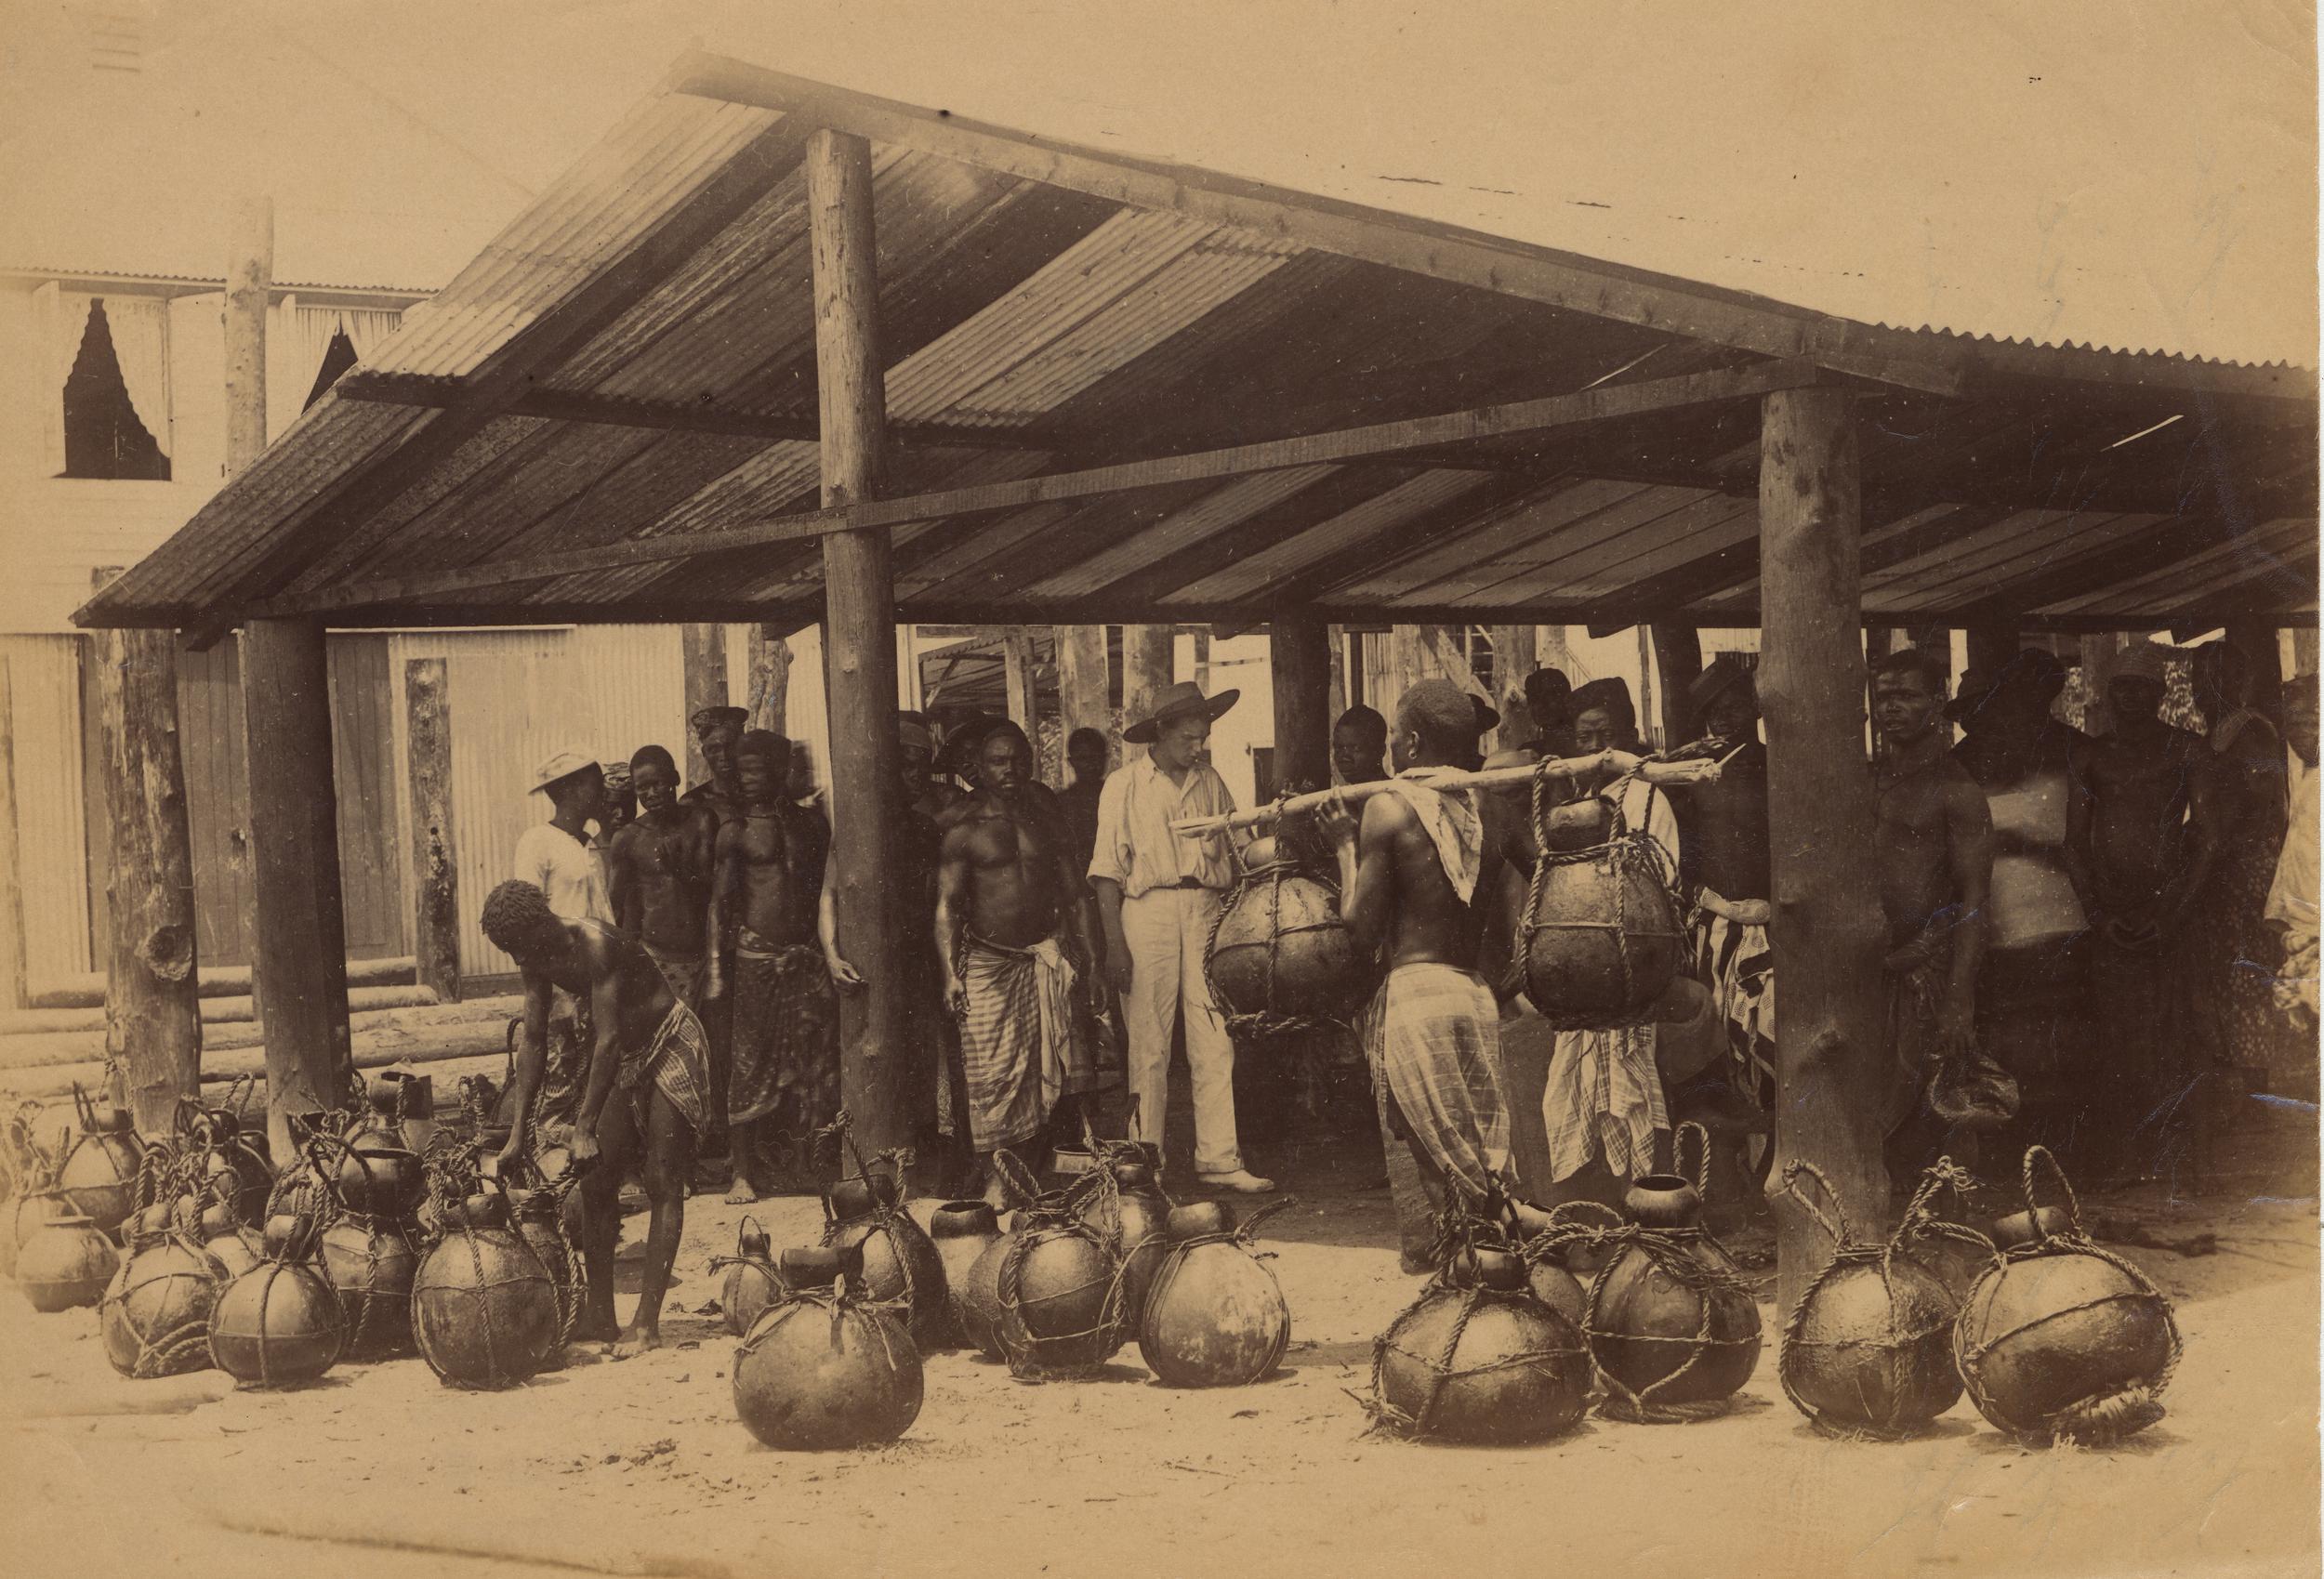 今天尼日尔三角洲地区的棕油河地区曾是西非棕榈油贸易的中心地带。图片版权 ©Jonathan Adagogo Green/大英博物馆托管会,CC BY NC SA)